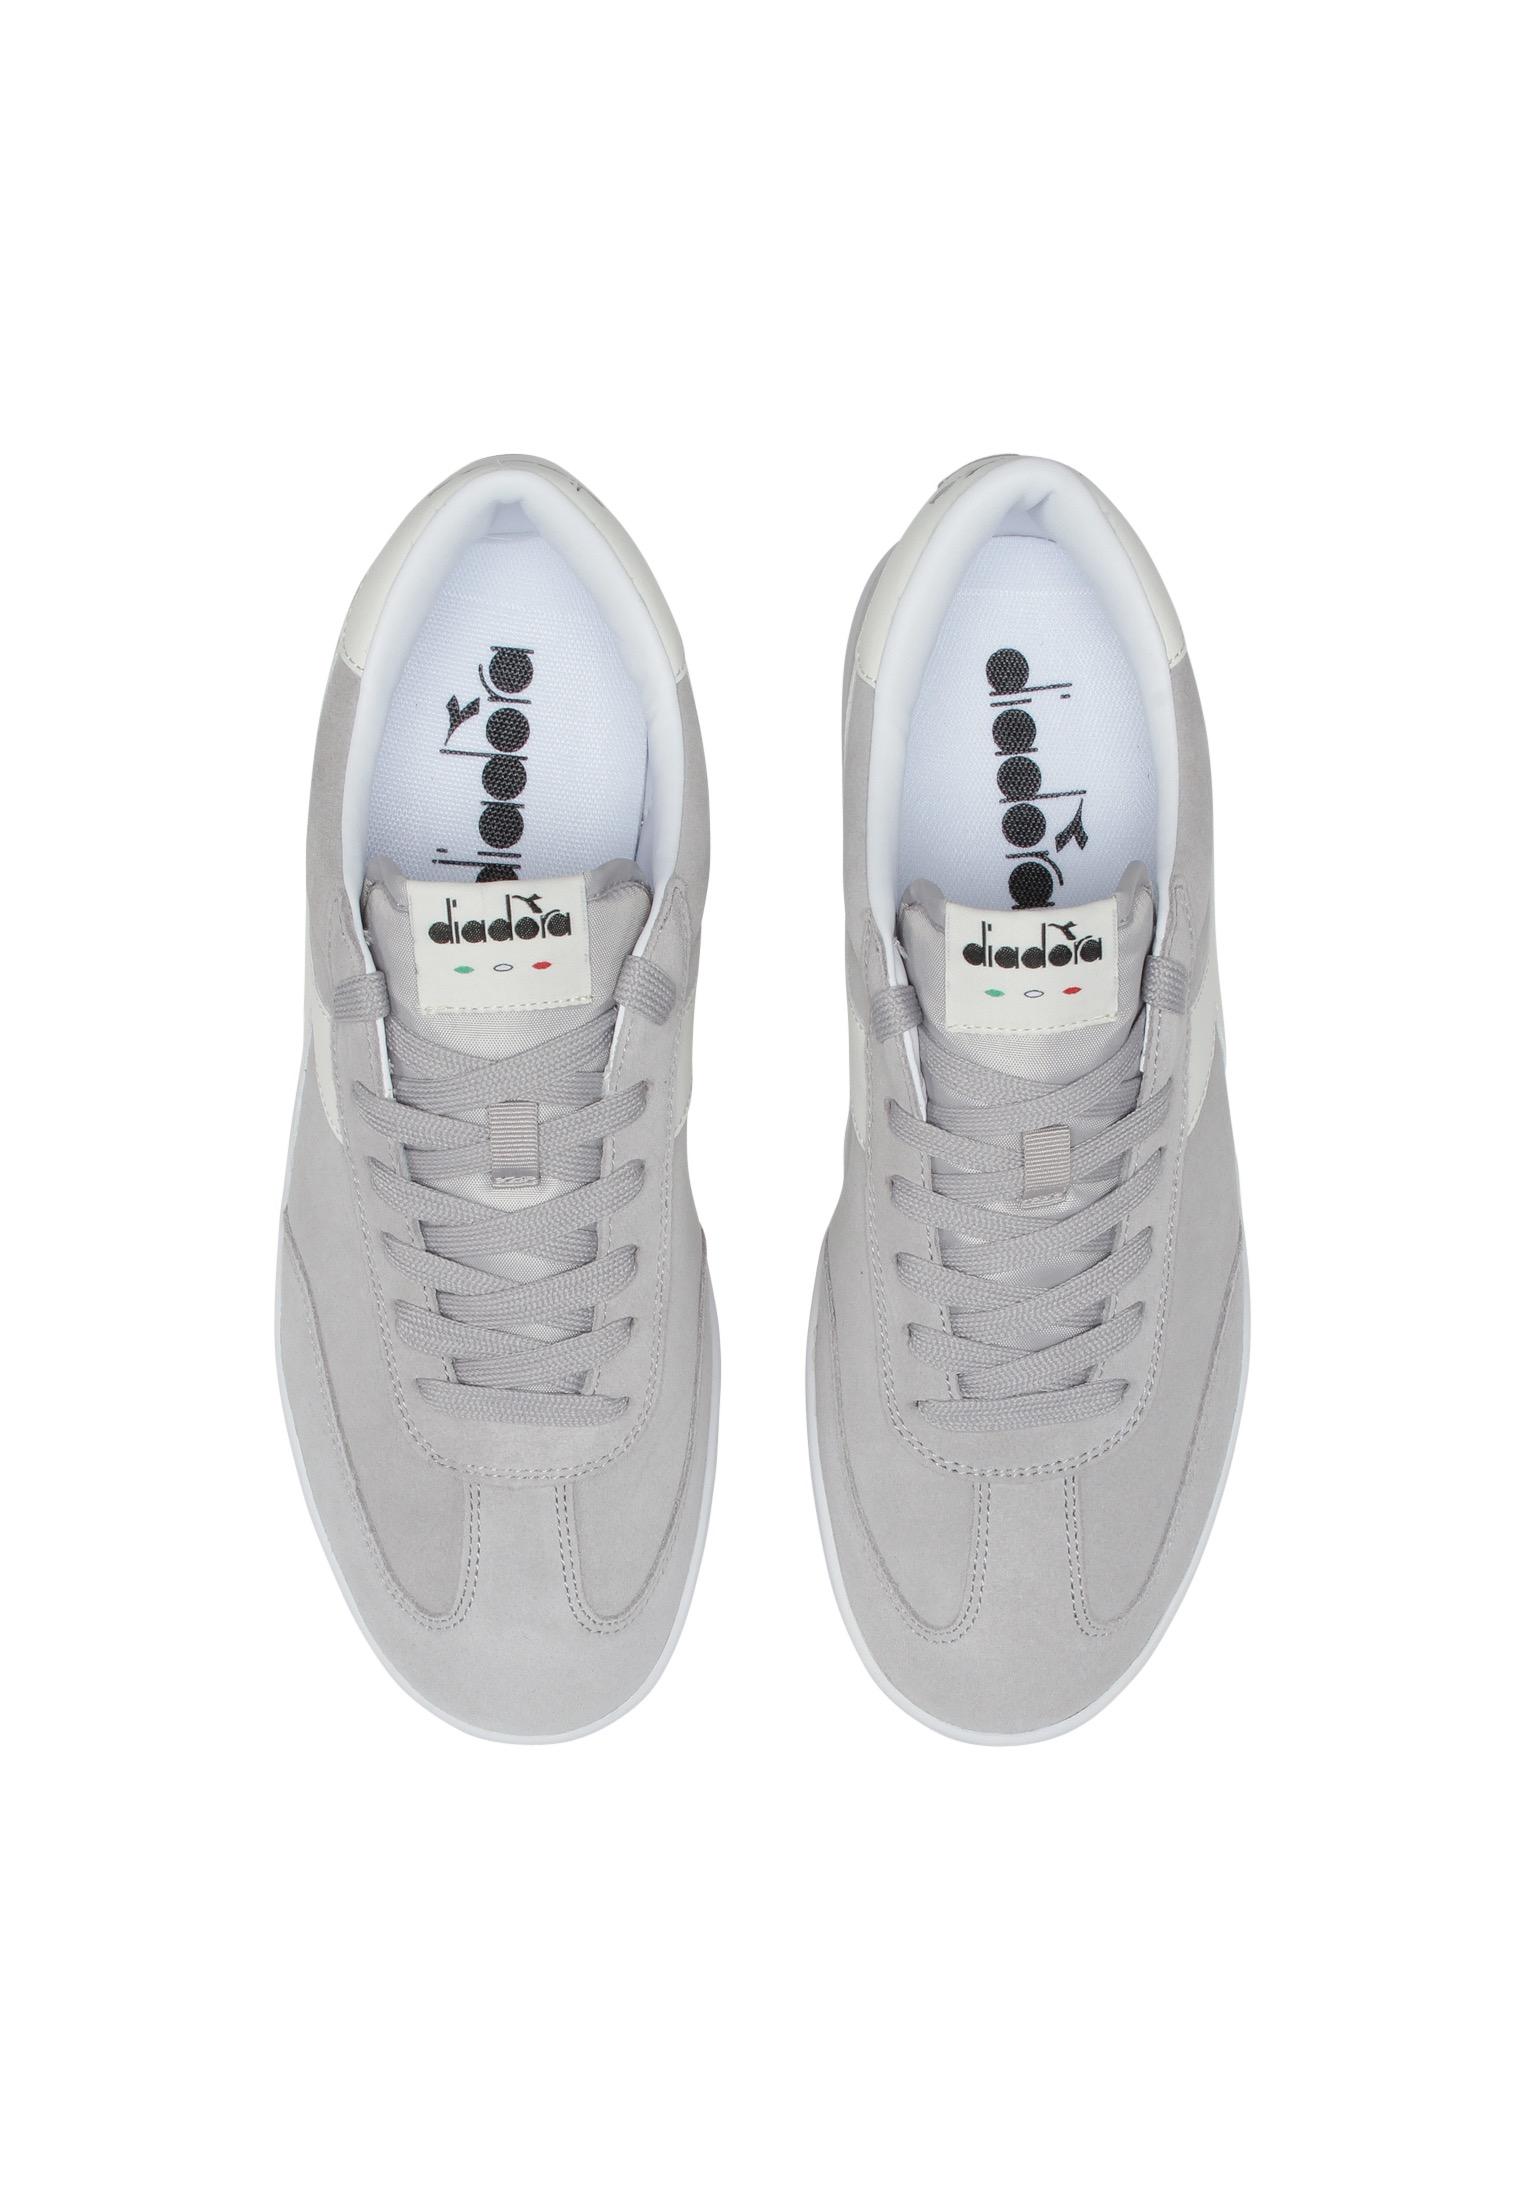 miniatura 18 - Diadora - Sneakers FIELD per uomo e donna